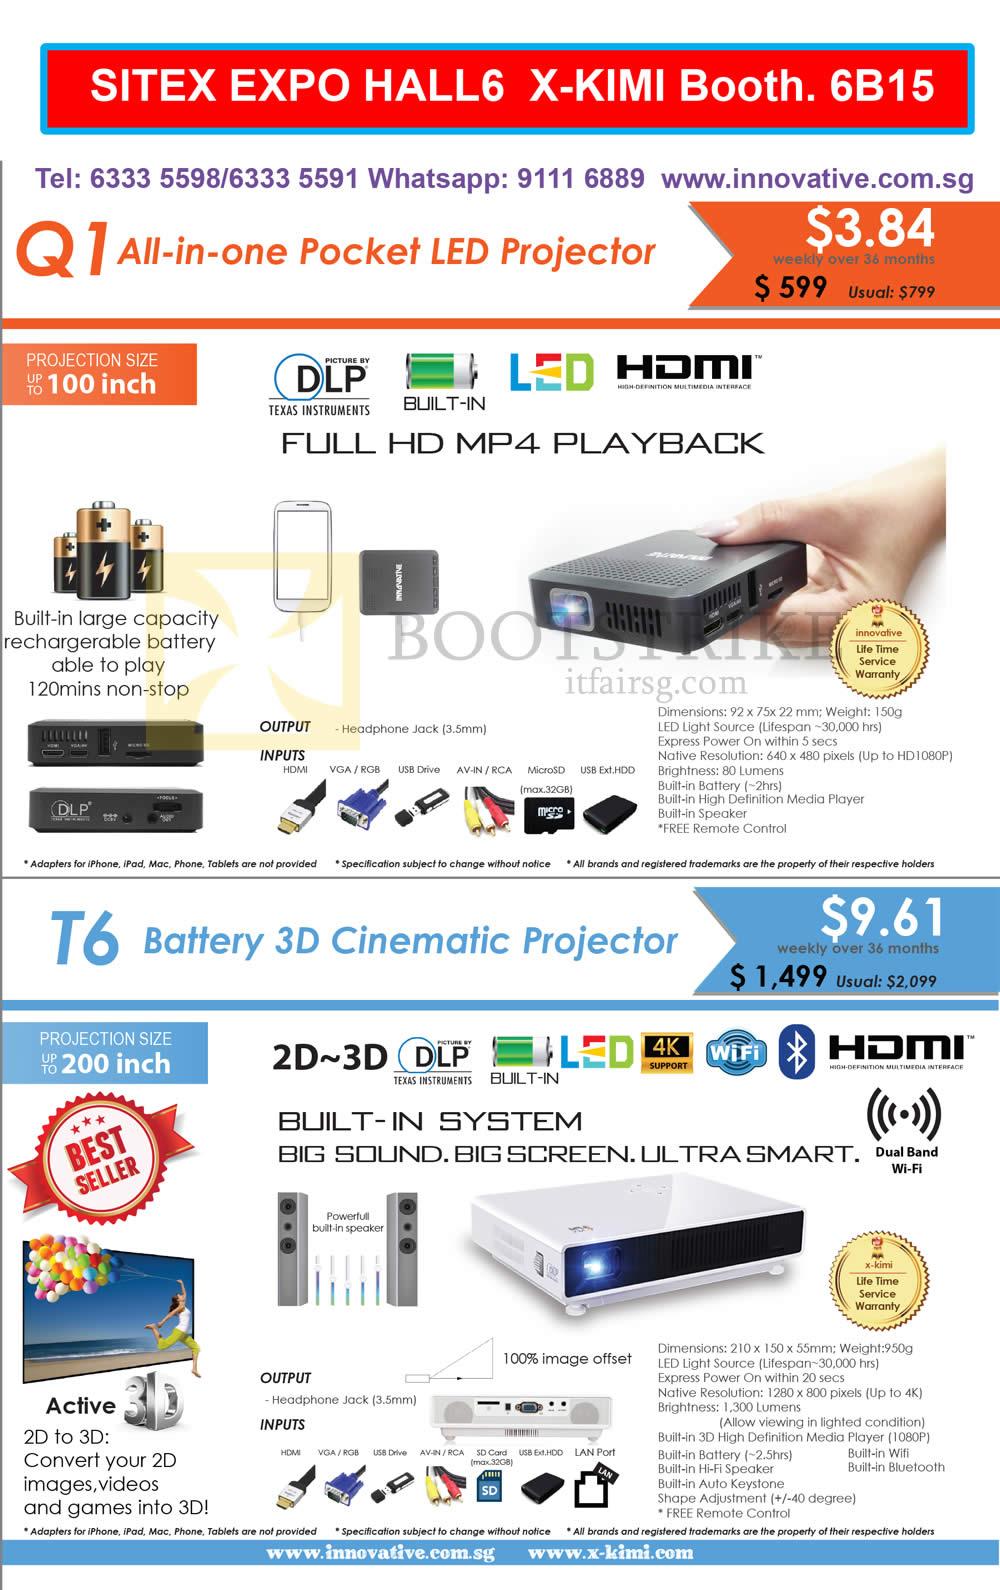 SITEX 2015 price list image brochure of X-Kimi Innovative Projectors Q1, T6